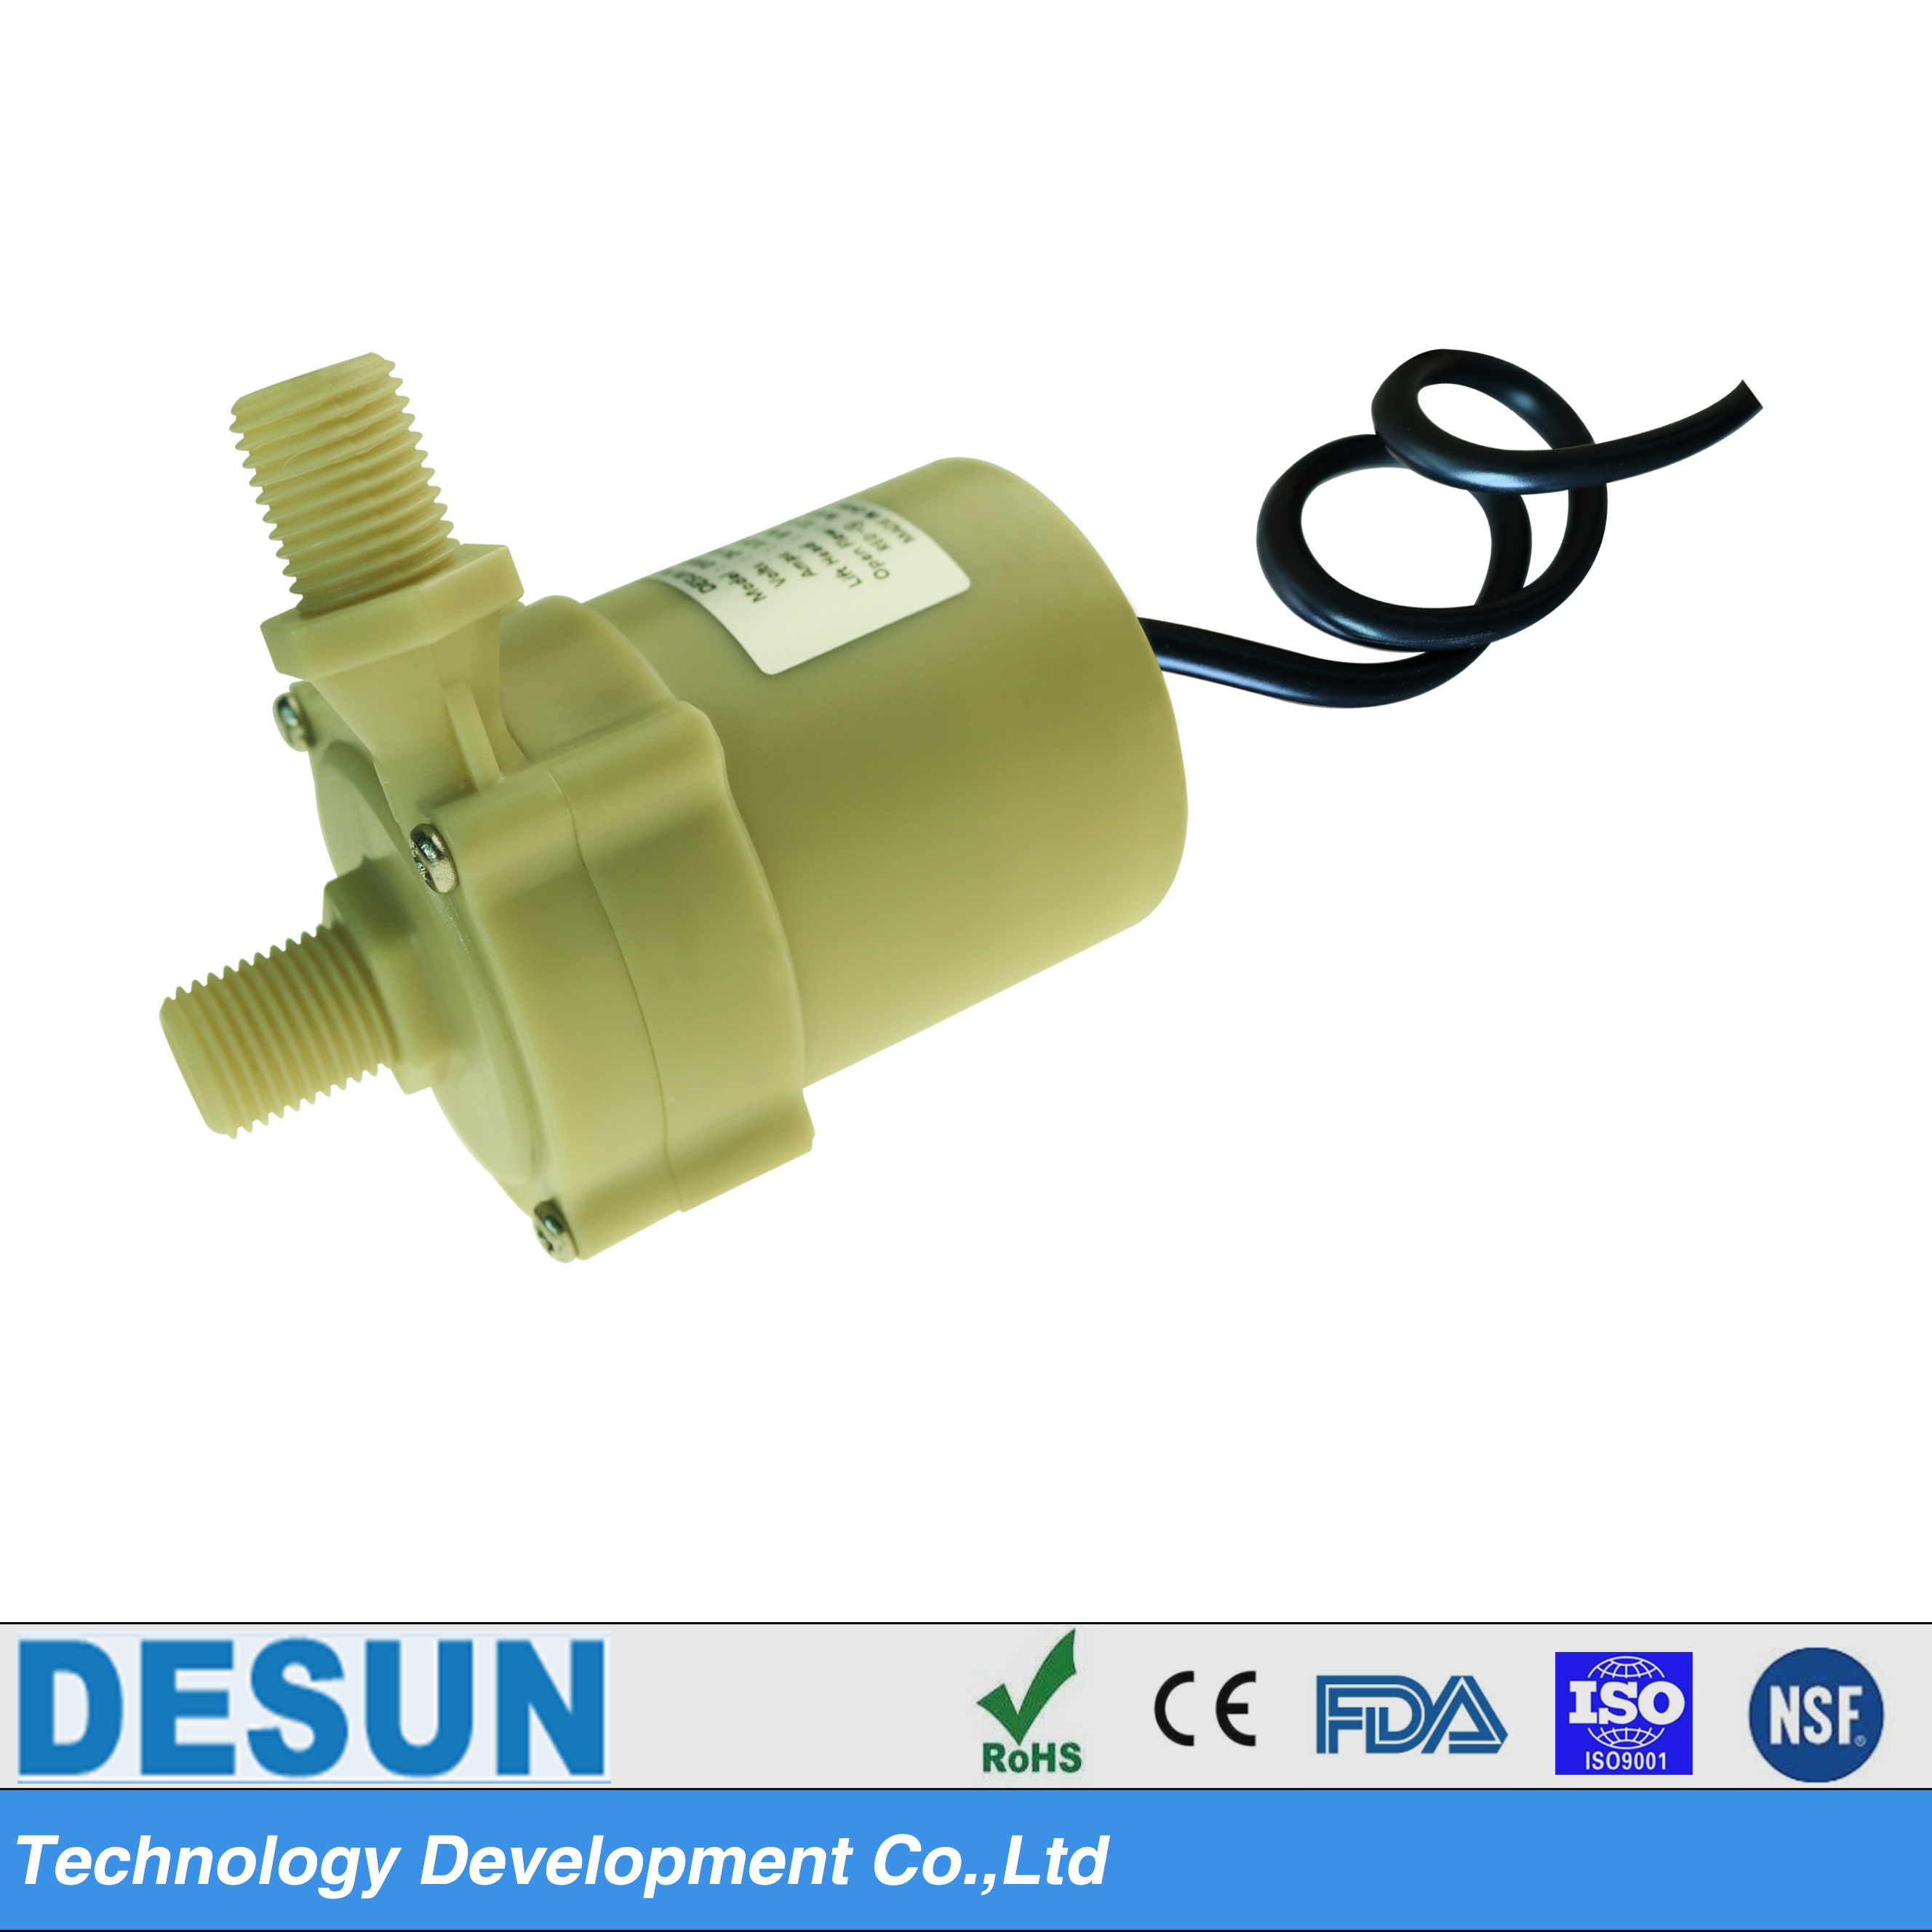 微型直流无刷潜水泵DS4504NF